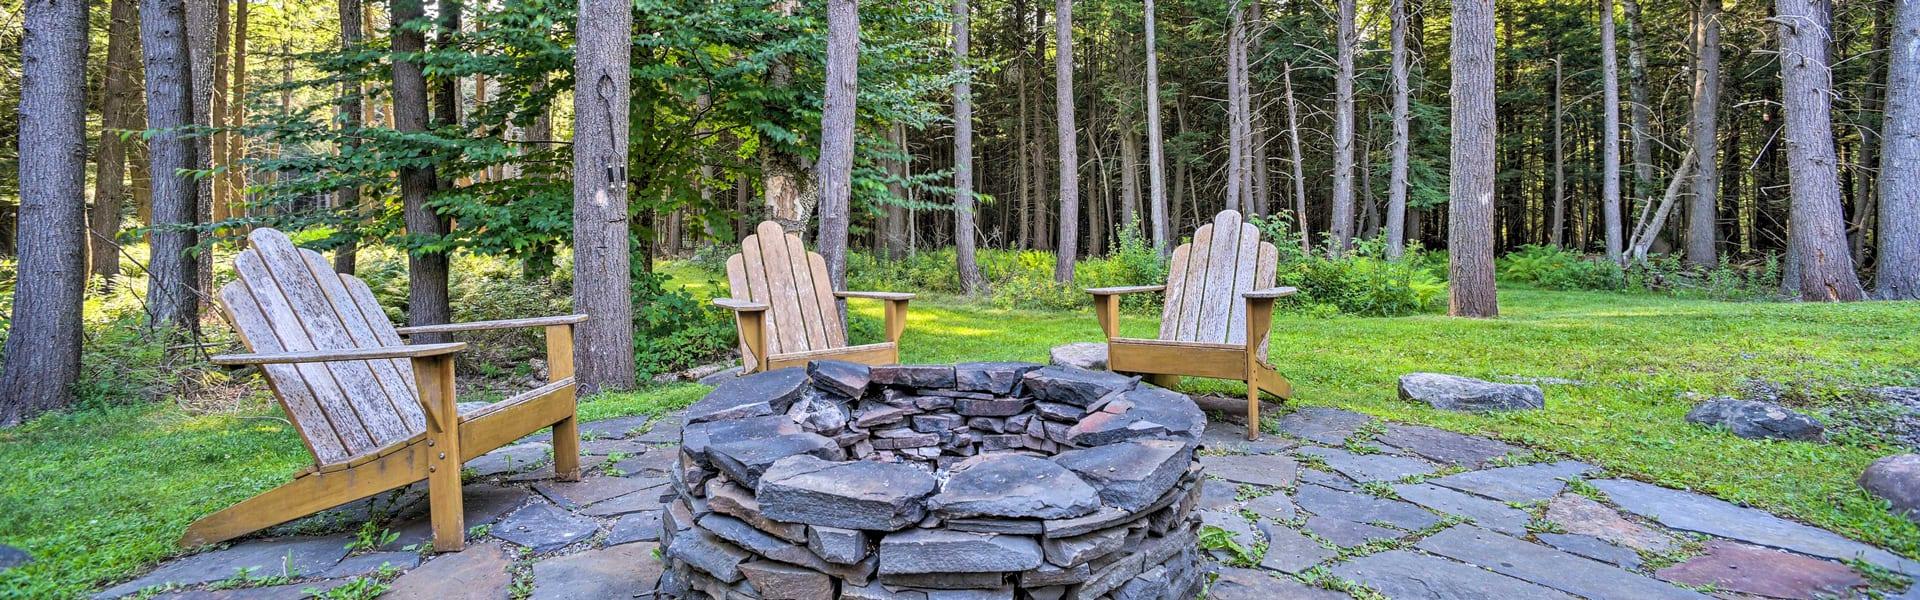 A backyard firepit in the Catskills, NY.